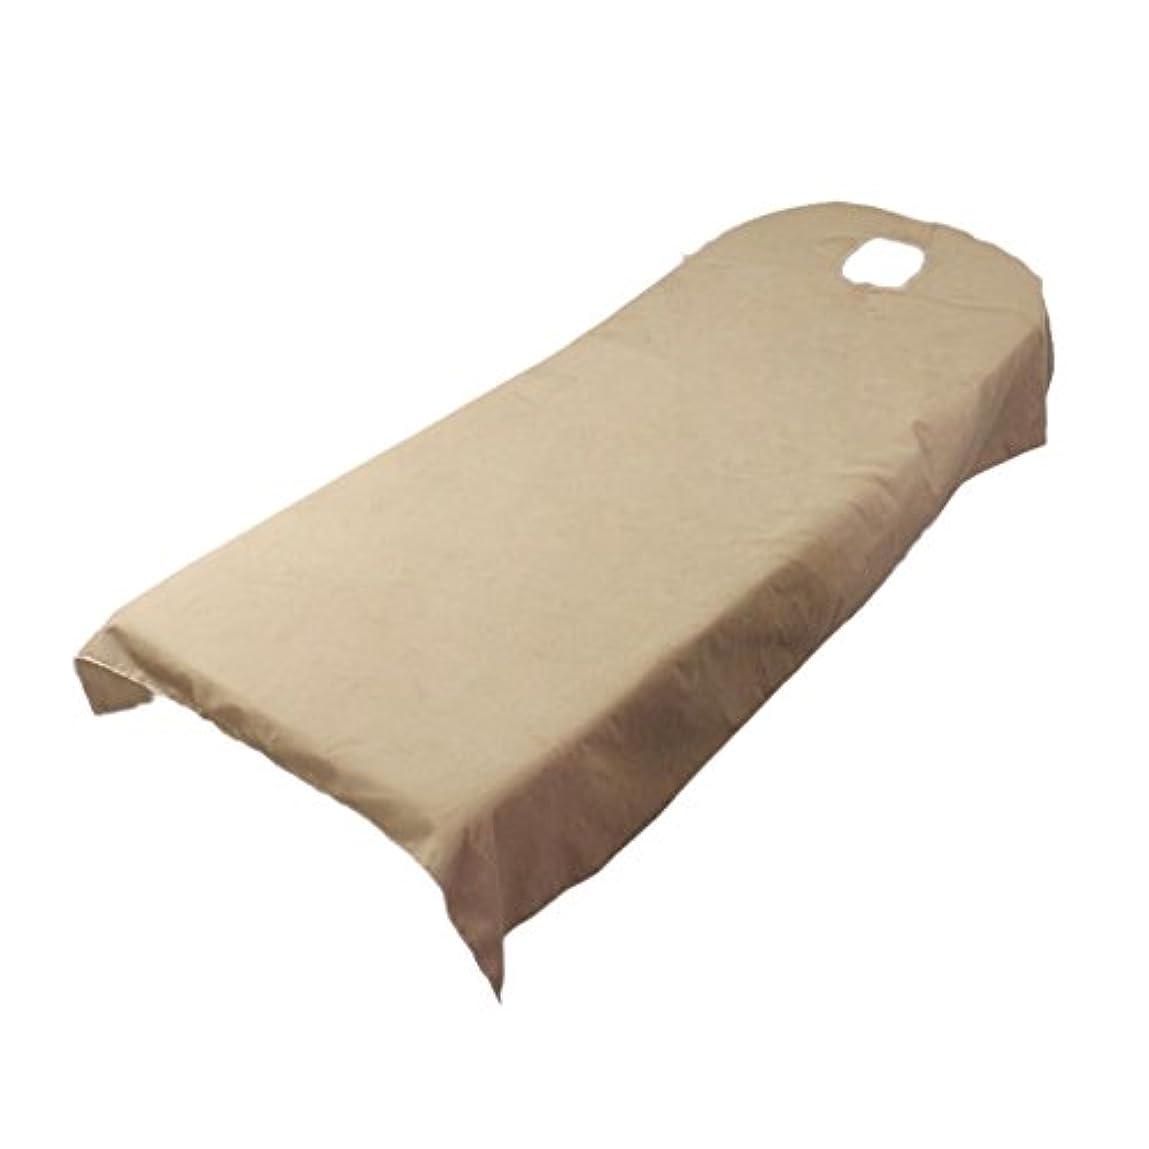 柔らかい ベッドカバー シート ホール付き 美容/マッサージ/スパ専用 全9色可選 - キャメル